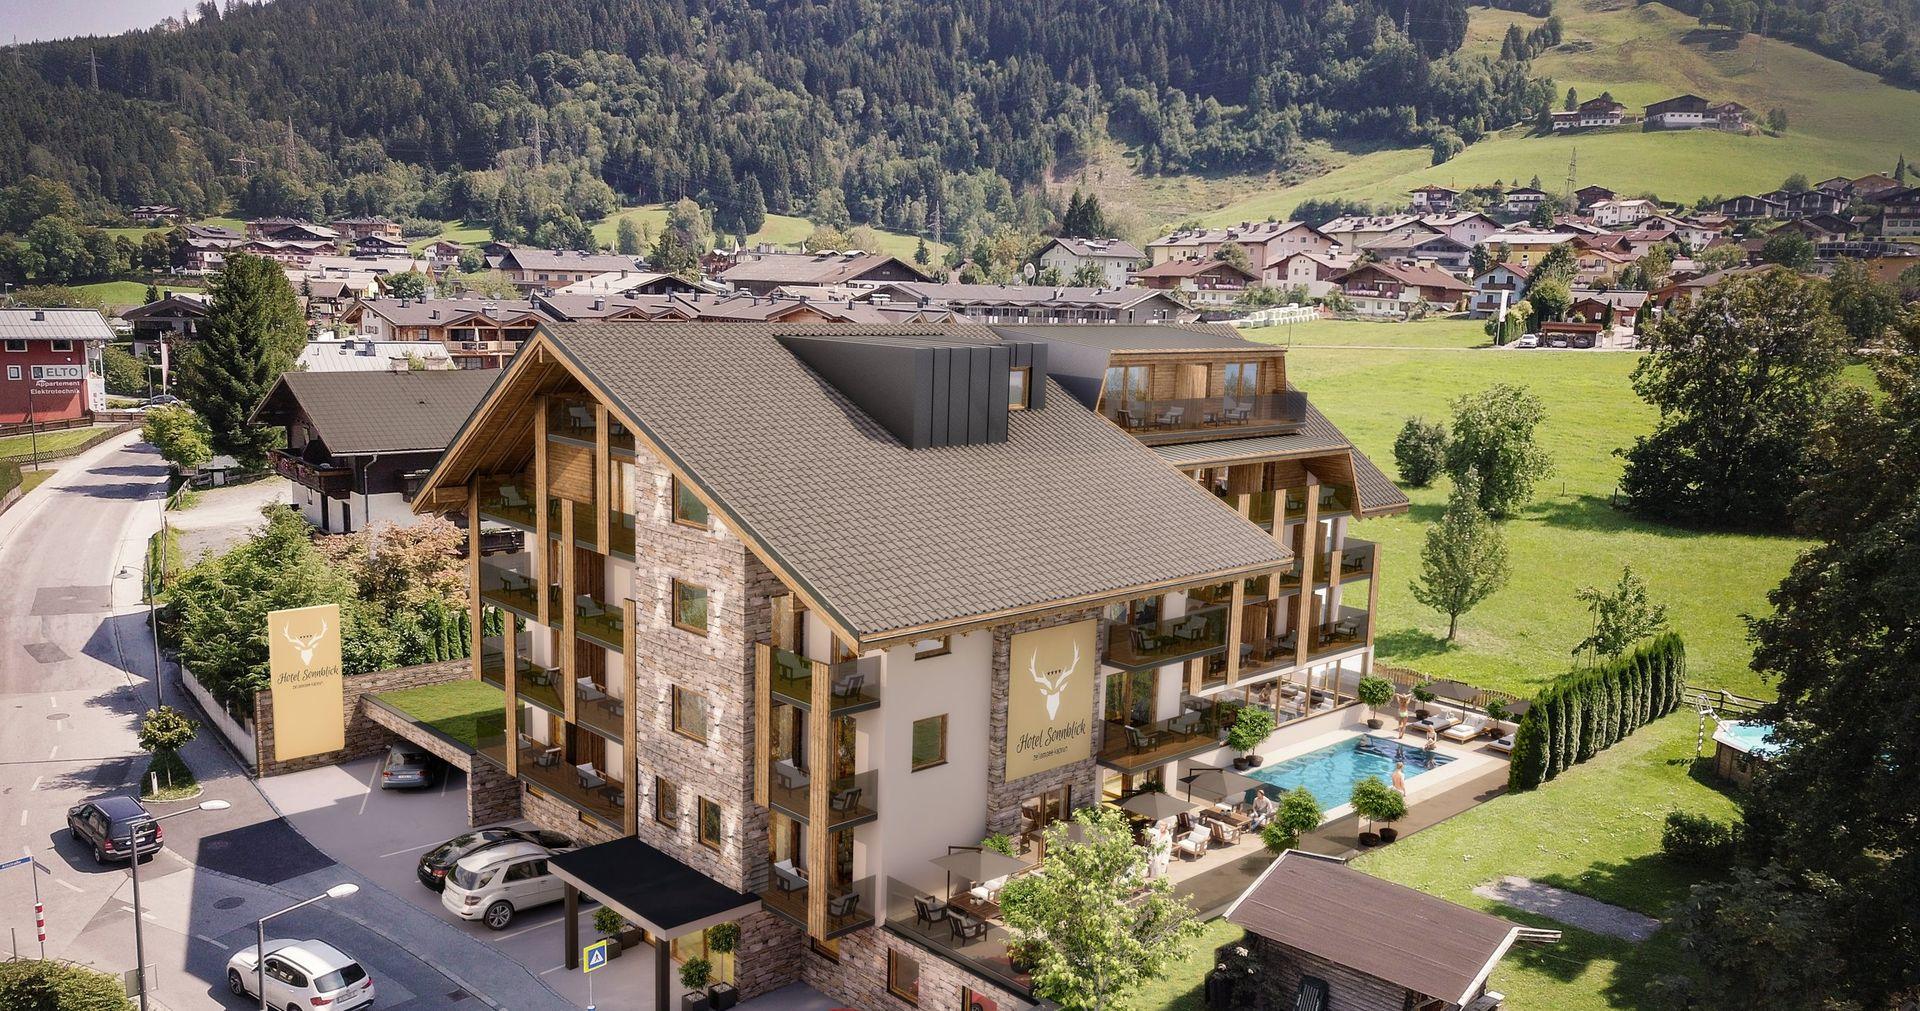 Hotel Sonnblick - Slide 1